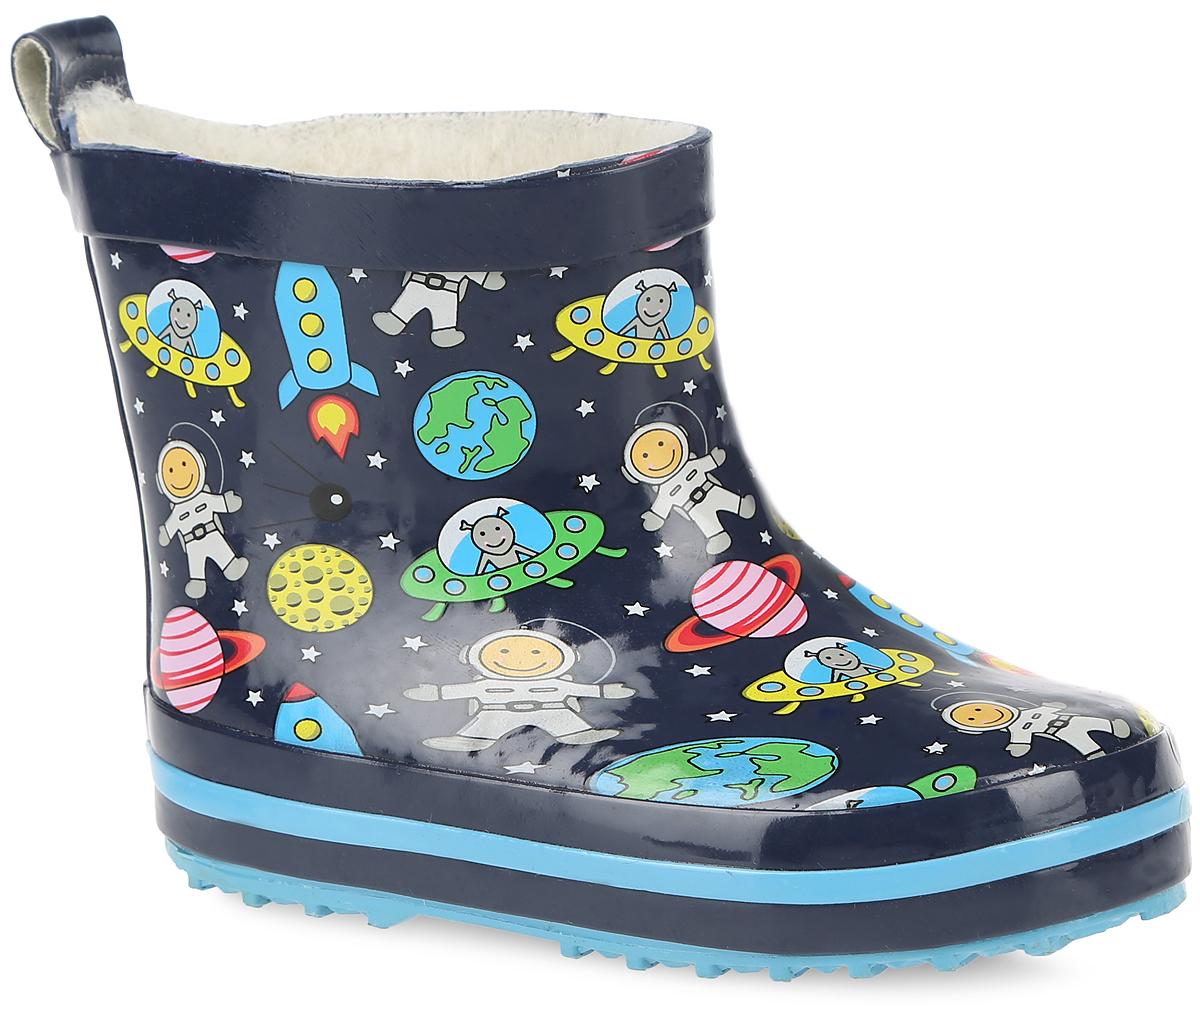 Сапоги резиновые для мальчика. 200279200279Стильные резиновые сапоги от Mursu идеально подходят для долгих прогулок в ненастную погоду. Сапоги выполнены из качественной резины и оформлены оригинальным принтом. Ярлычок на заднике облегчит надевание обуви. Подкладка и стелька изготовлены из шерсти, которая сохранит тепло и обеспечит полный уют и комфорт при носке. Рельефная резиновая подошва устойчива к истиранию и гарантирует отличное сцепление с любой поверхностью. Такие оригинальные и практичные резиновые сапоги займут достойное место в гардеробе вашего ребенка.